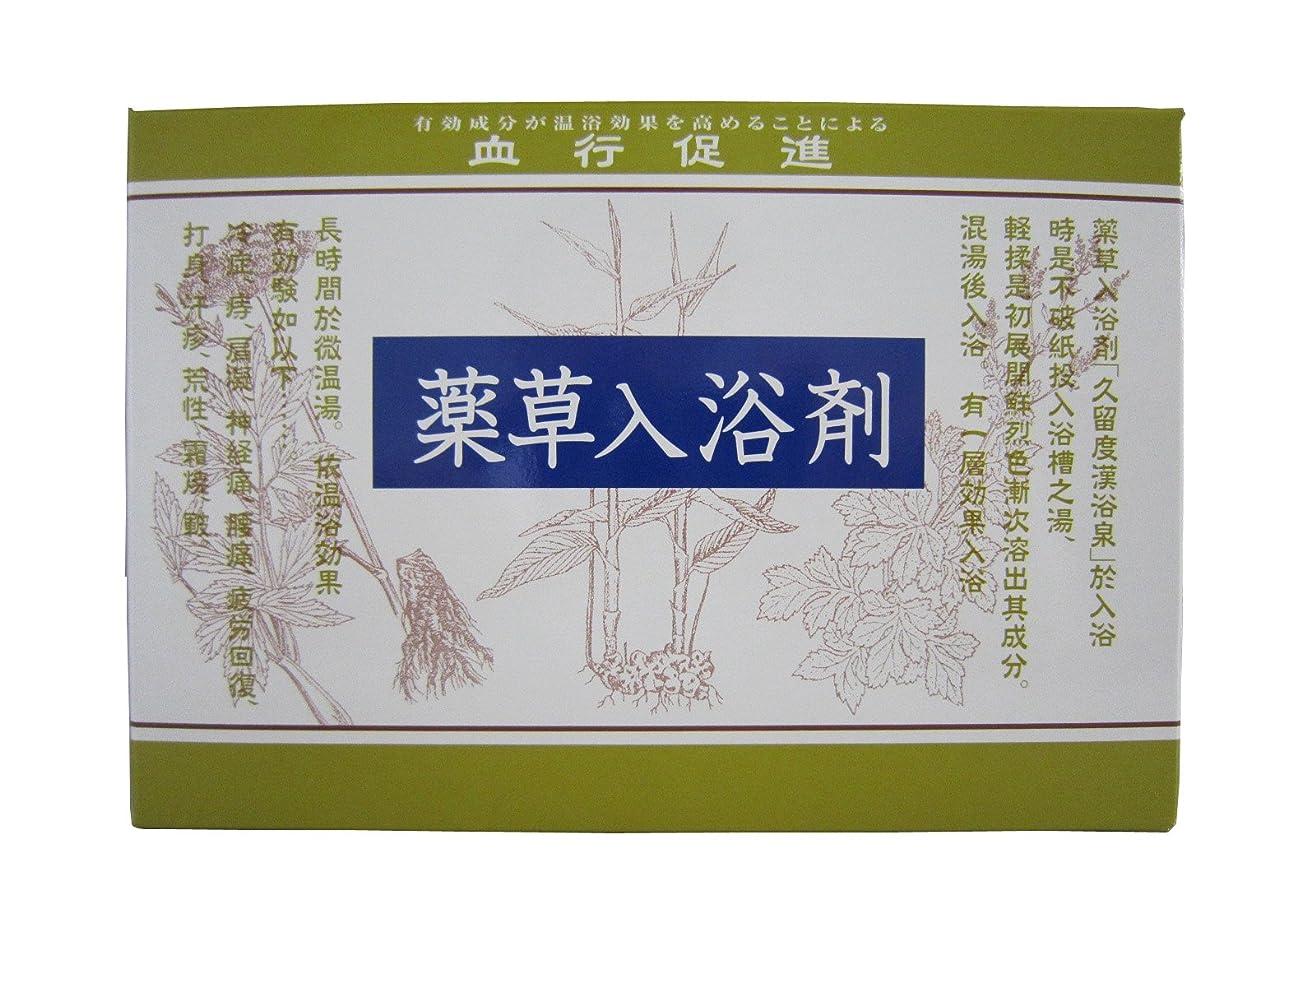 じゃがいも予算出血松田医薬品 クルード漢浴泉 23.5gX5包